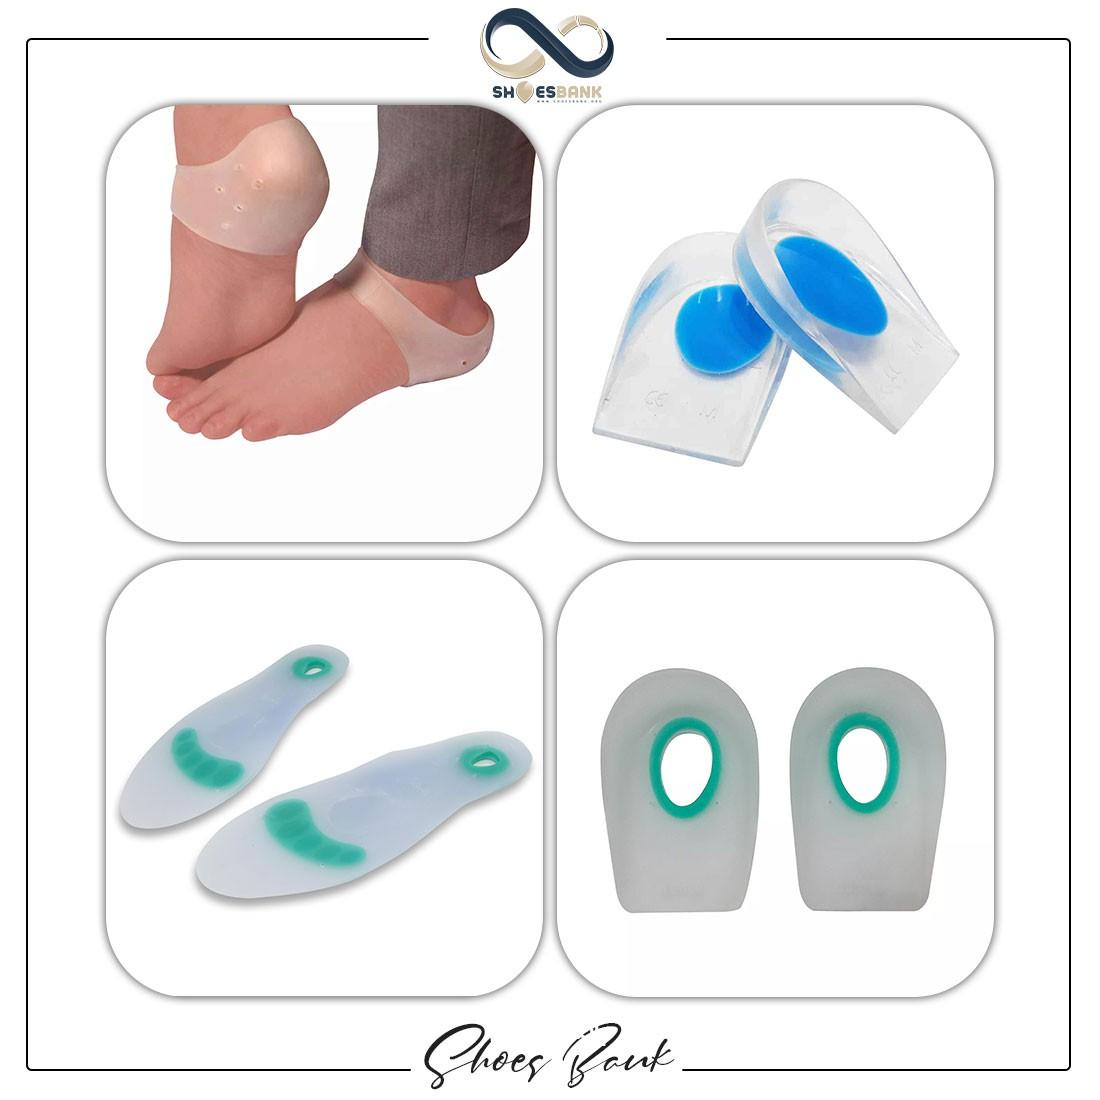 انواع ابزارهای مراقبتی از پا برای کاهش درد پاشنه